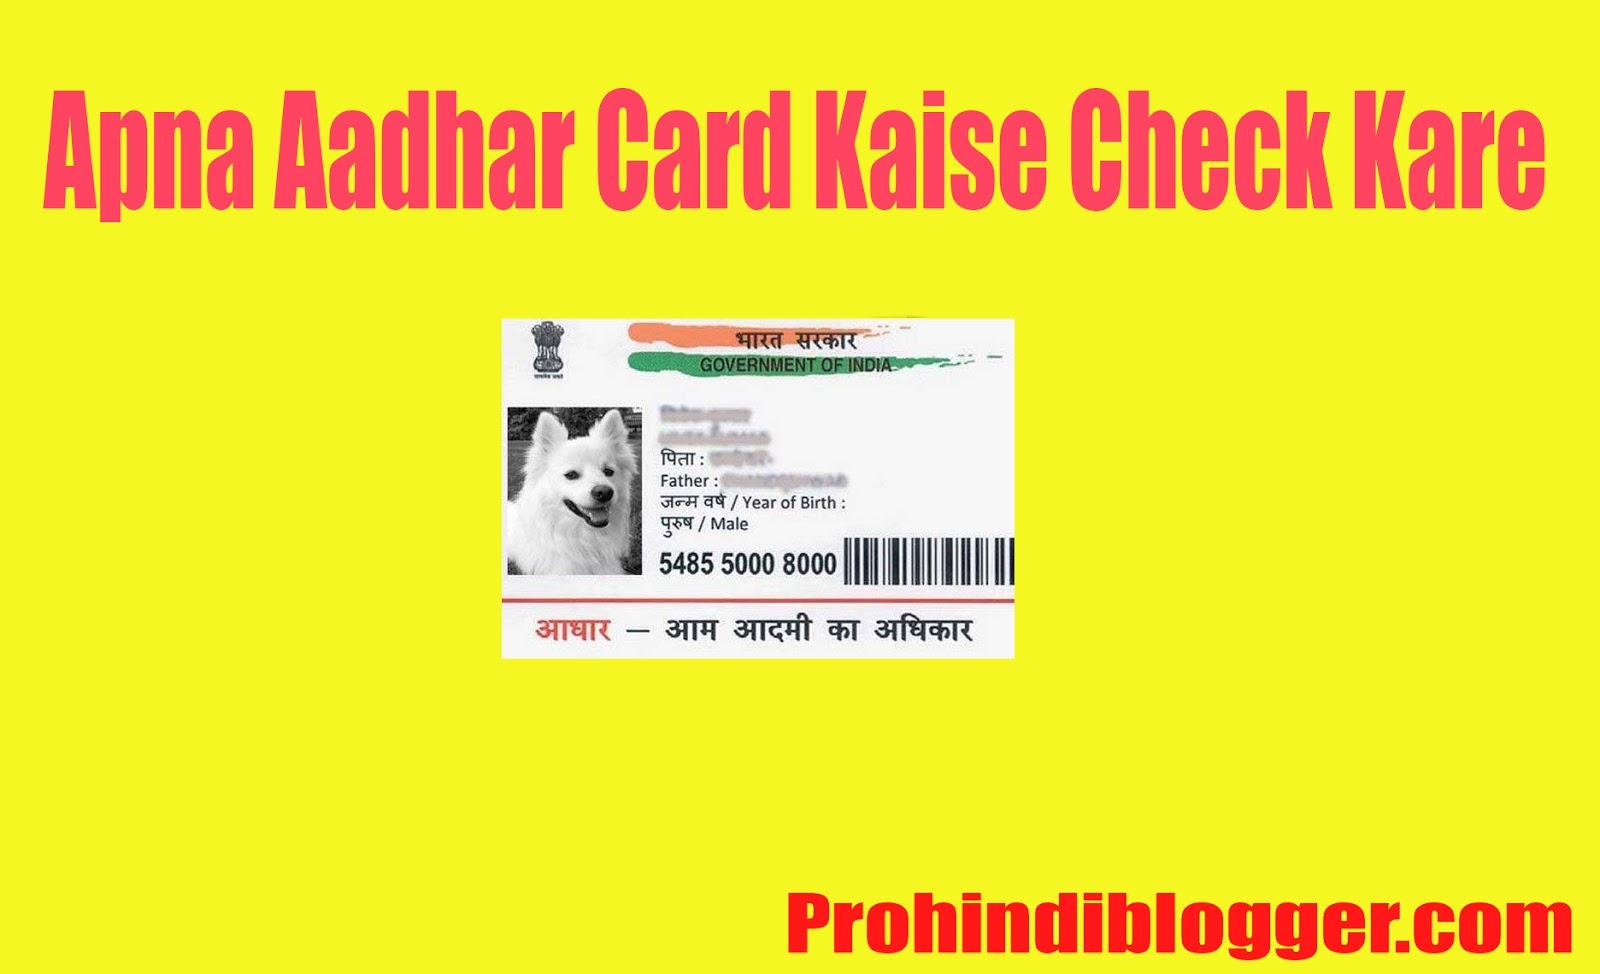 Aadhar card kaise check kare, aadhar card kaise nikale